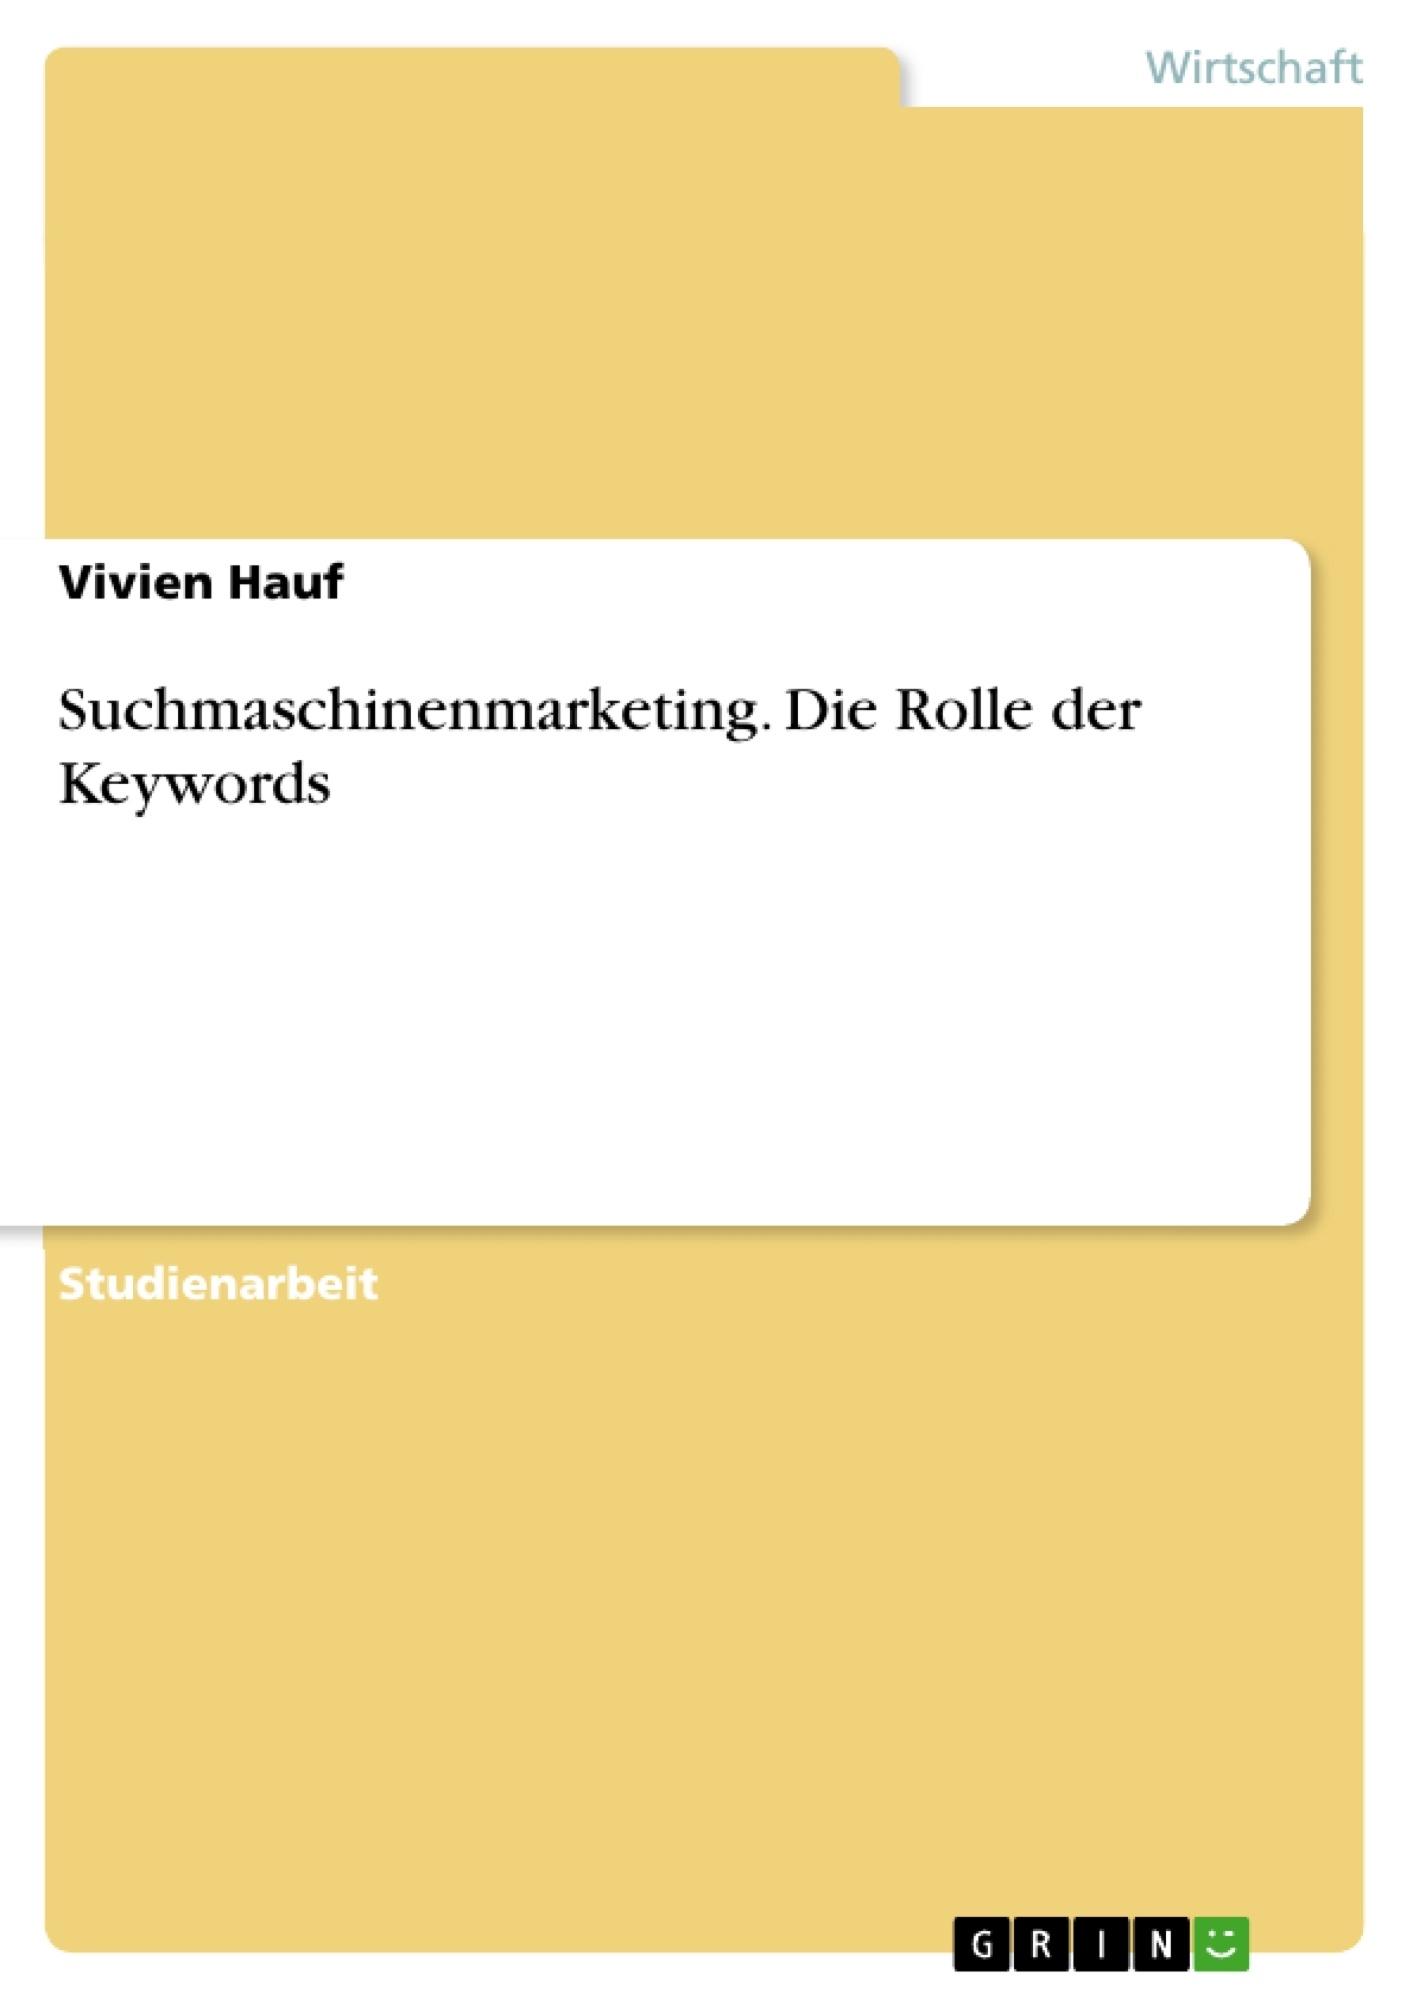 Titel: Suchmaschinenmarketing. Die Rolle der Keywords